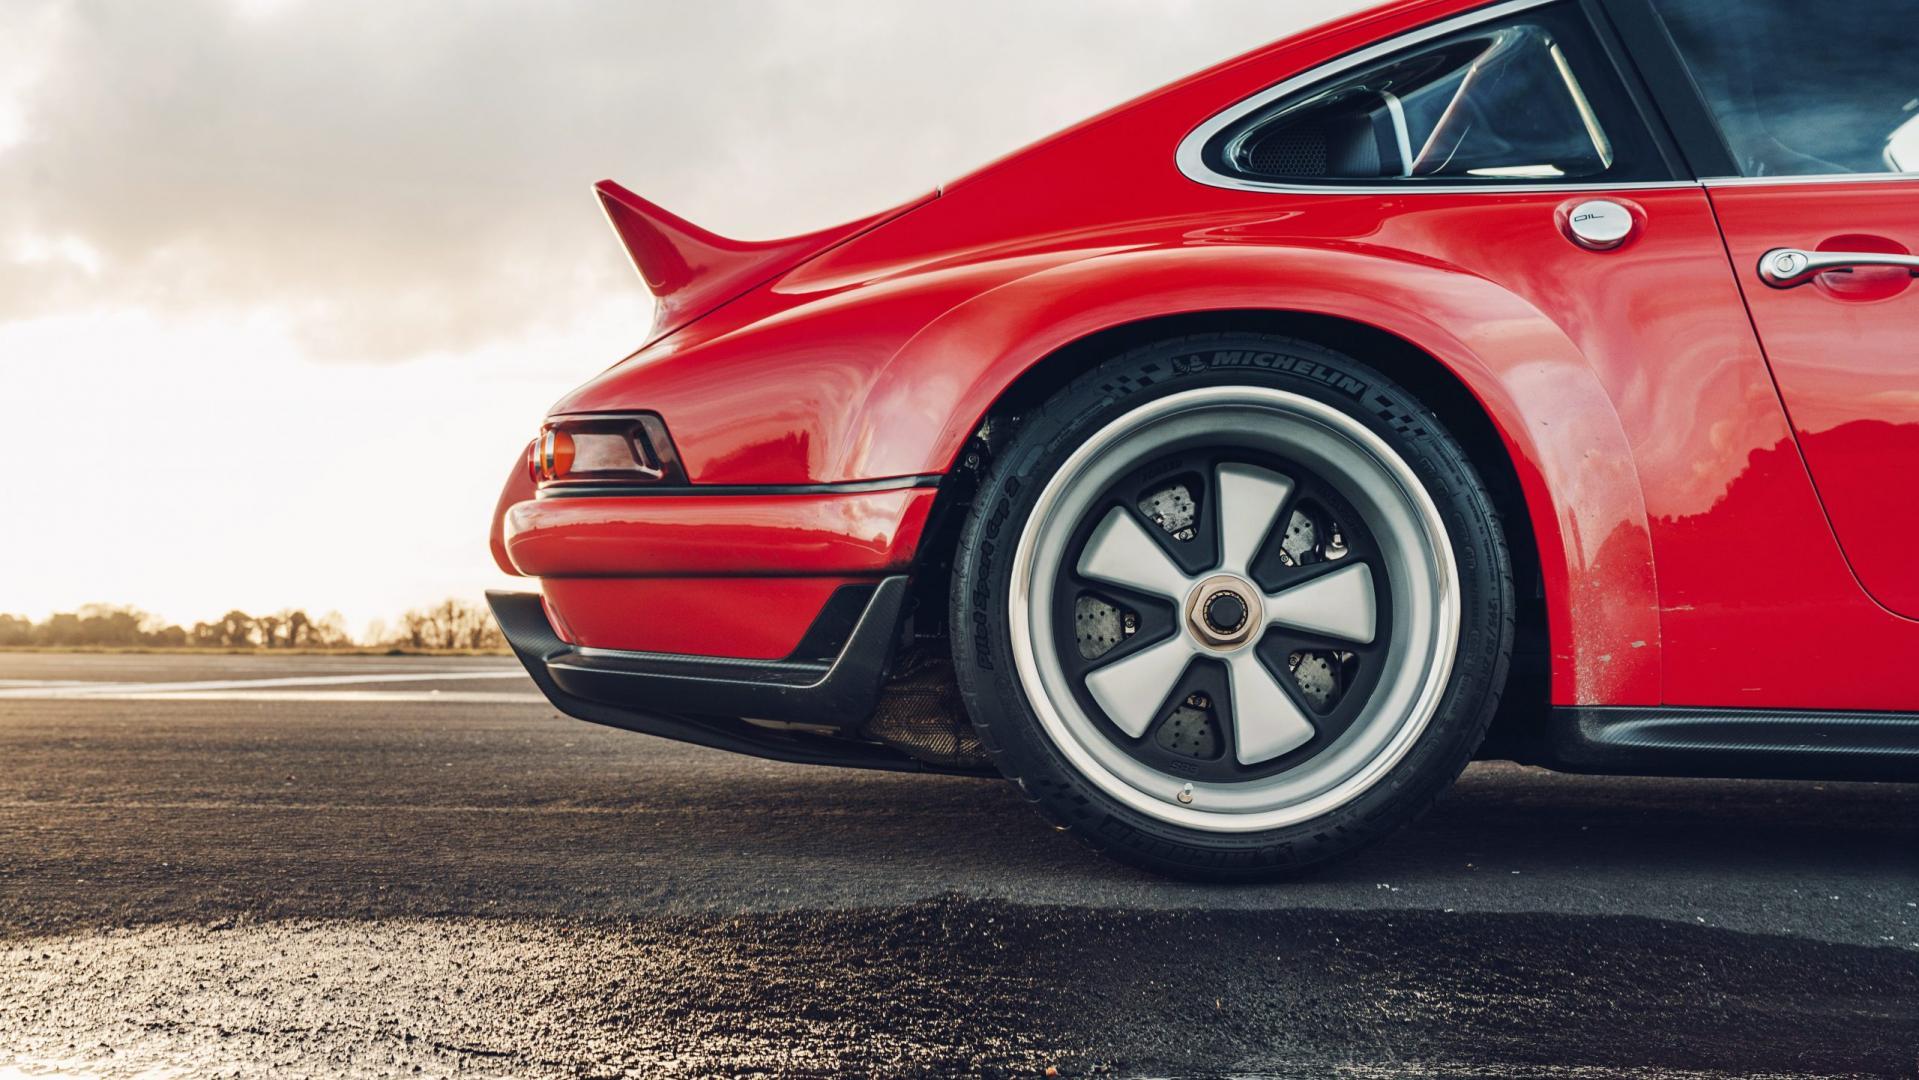 Porsche 911 Singer DLS fuchs velgen